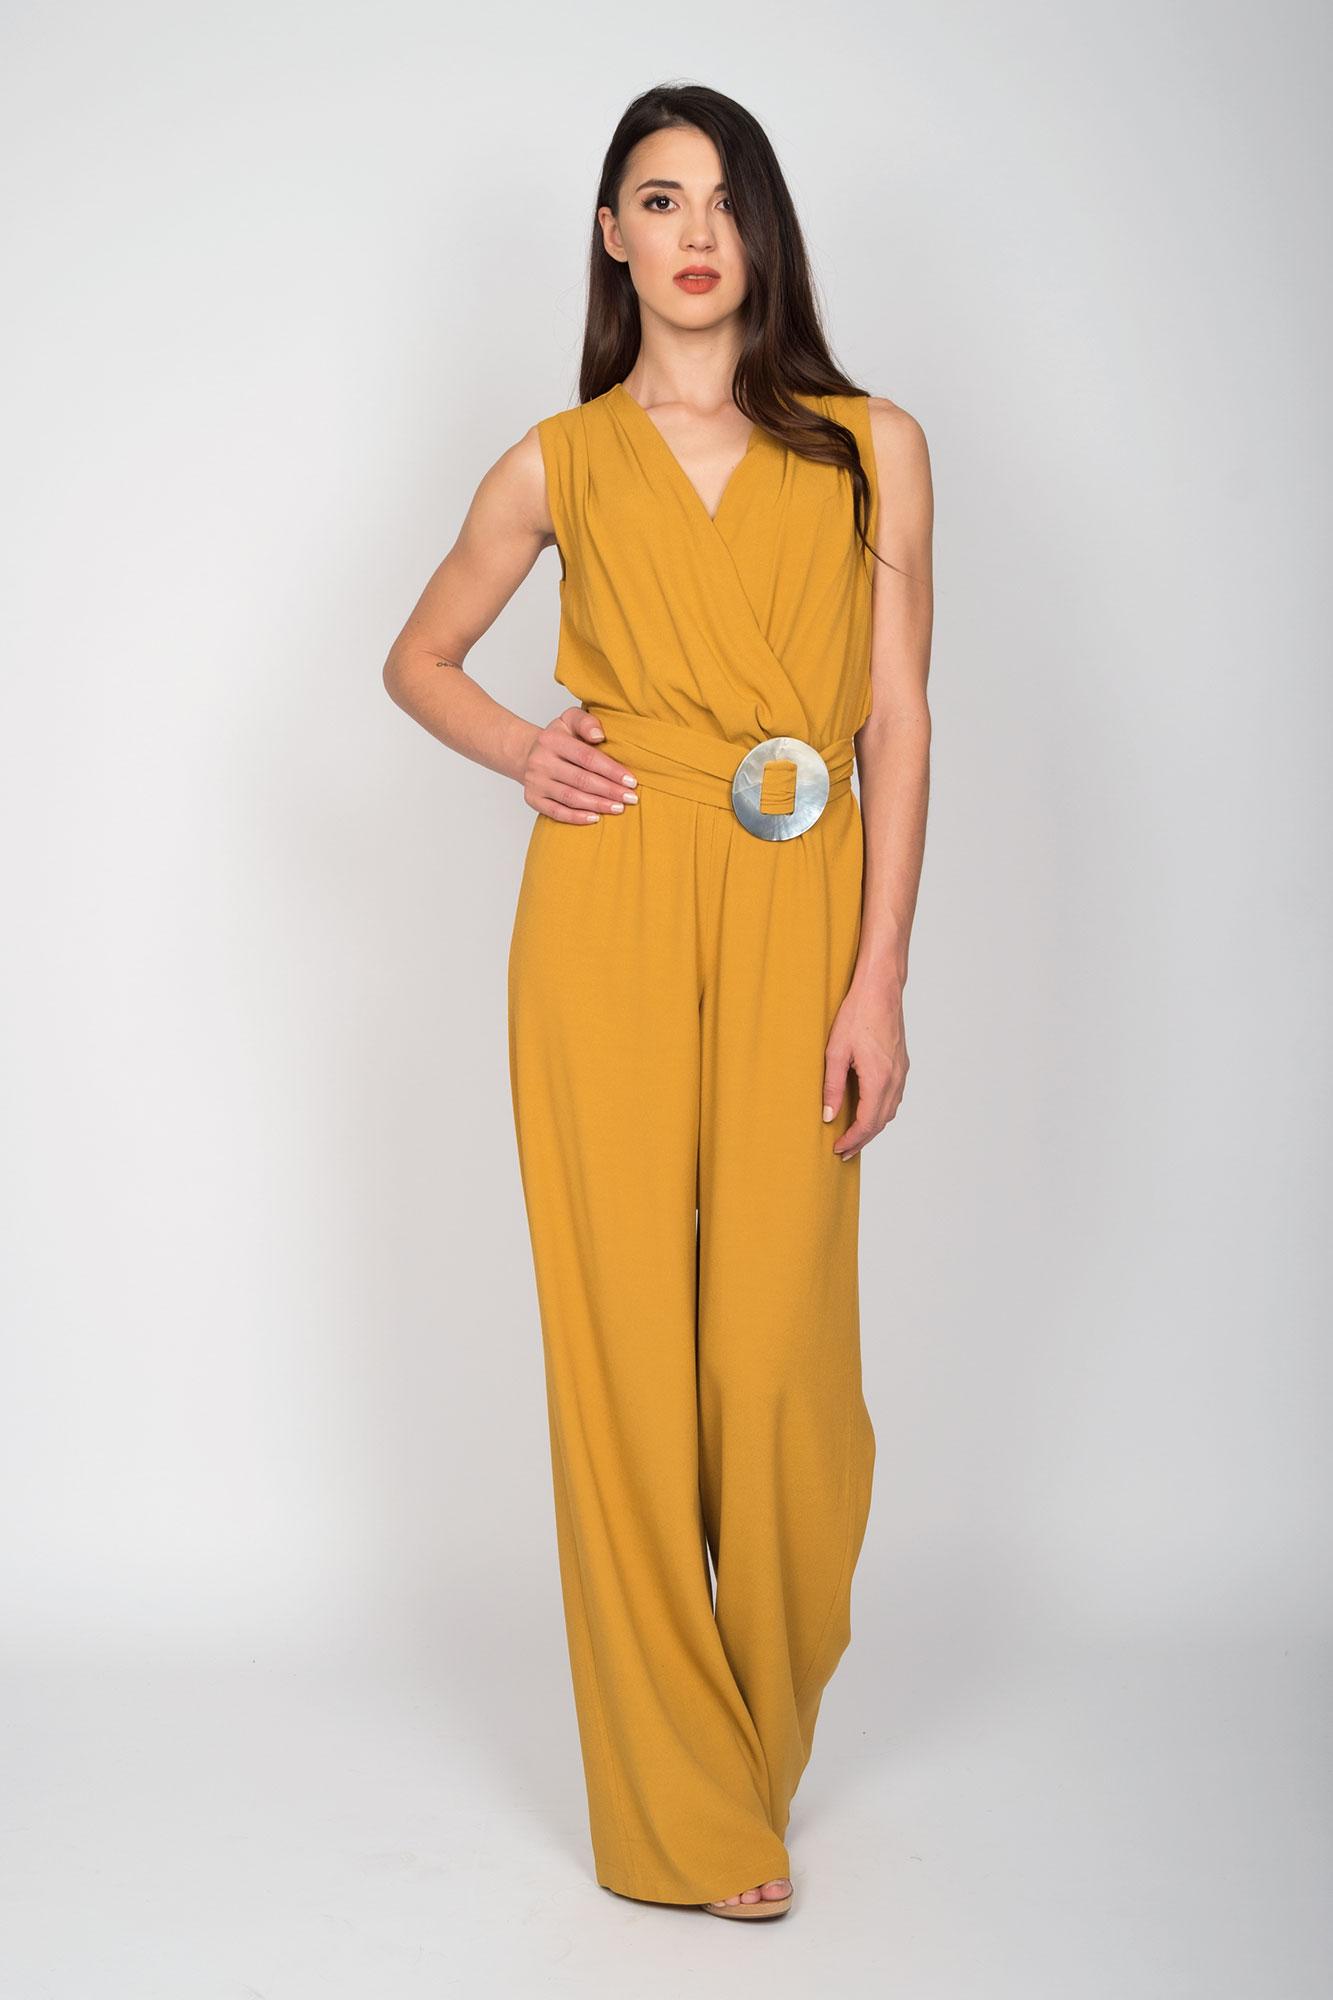 Creative Models - Servizio fotografico abbigliamento moda - 39